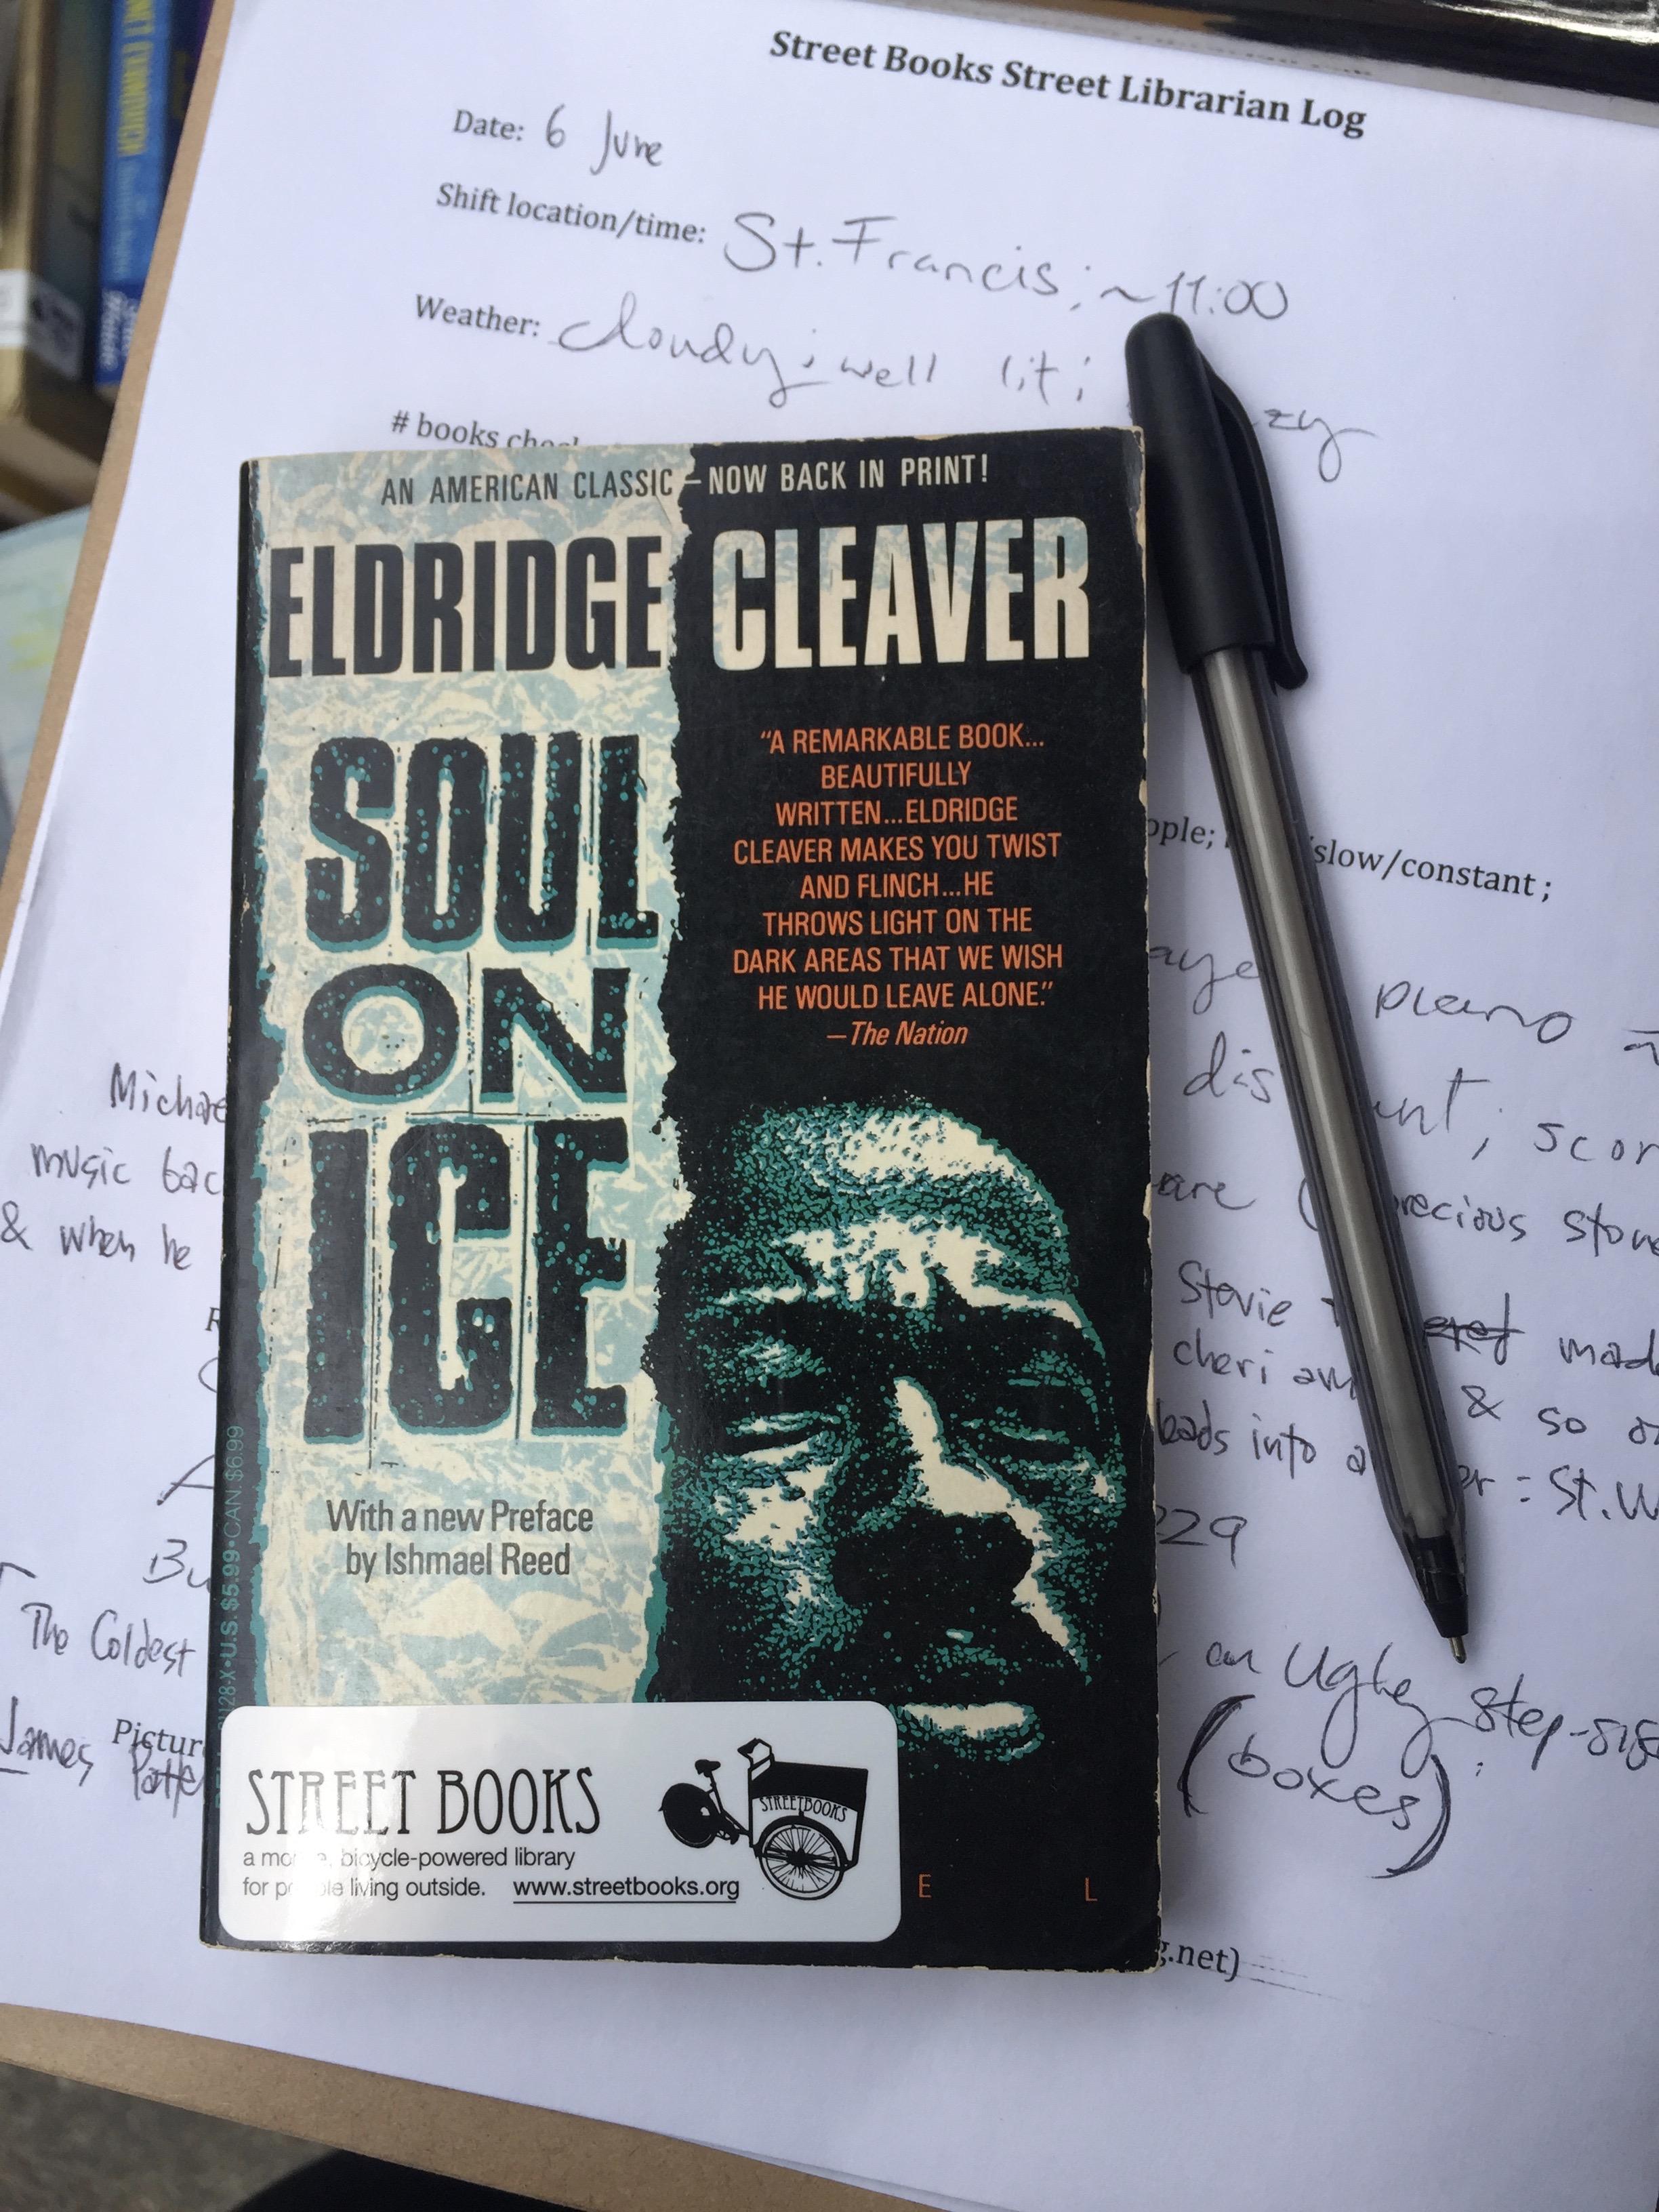 library_eldridge cleaver.jpg